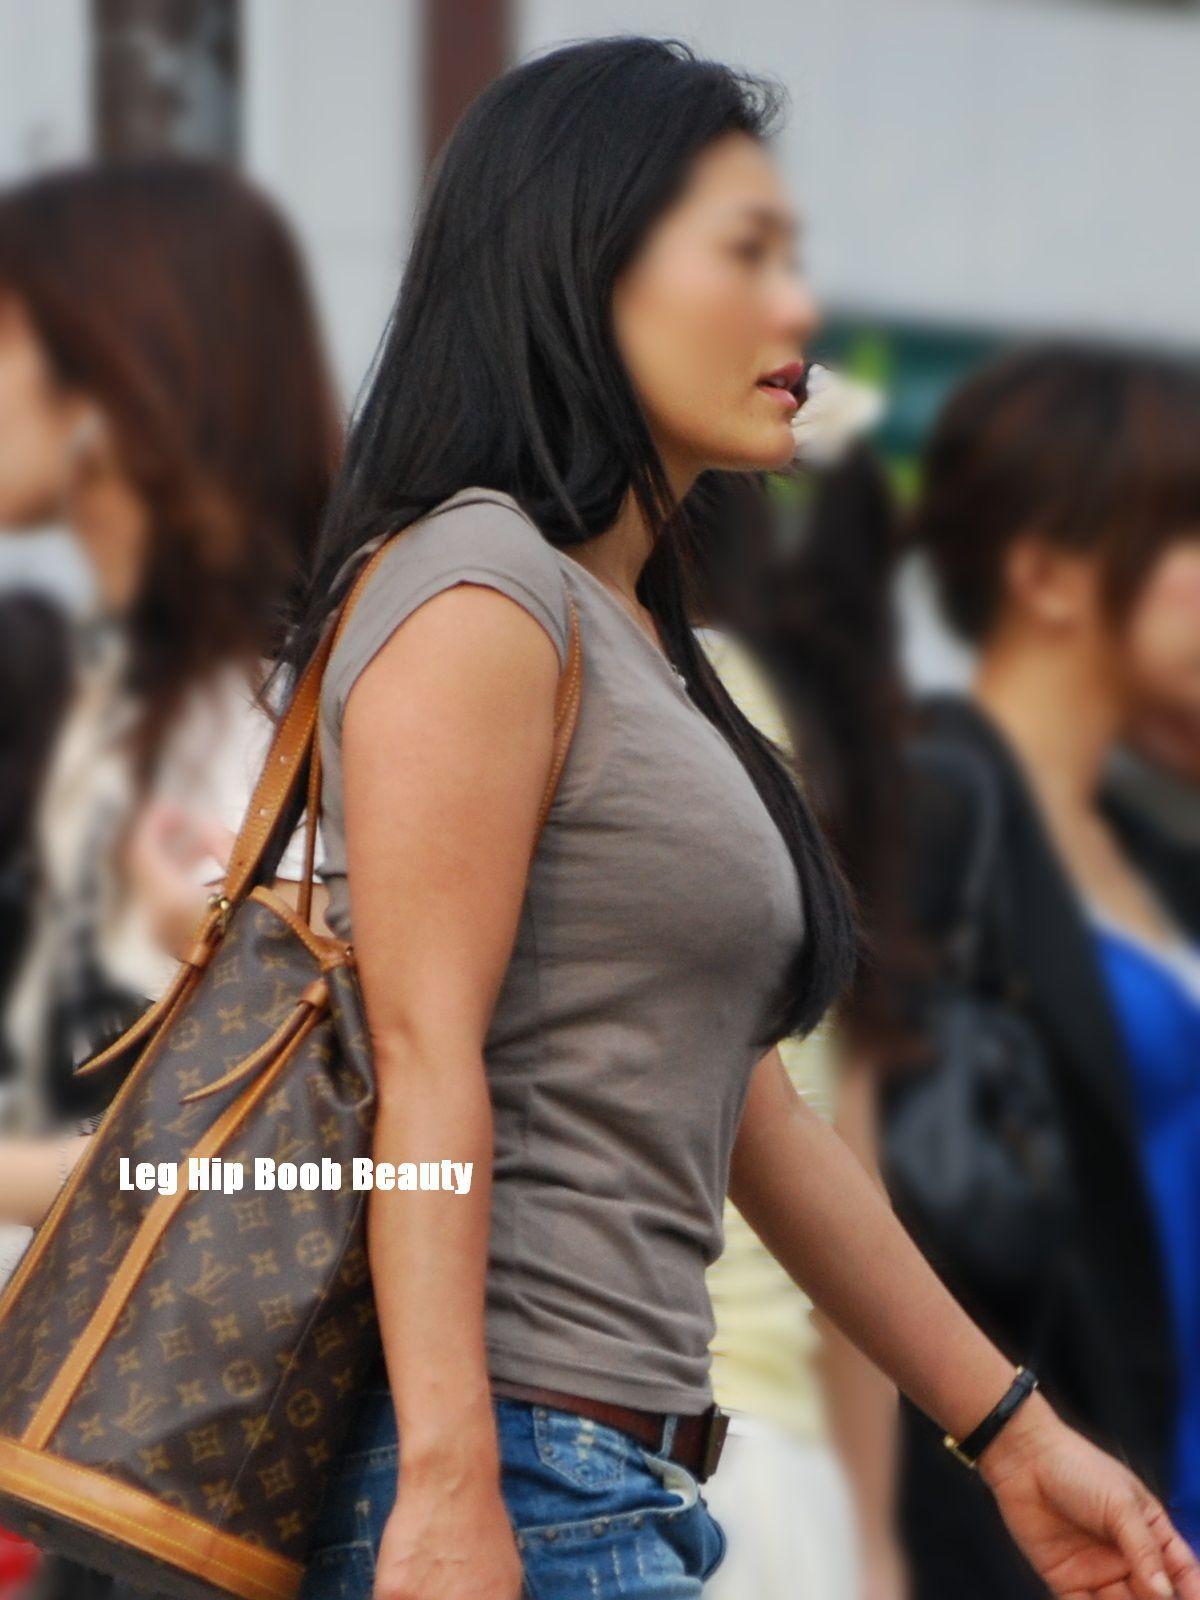 【巨乳エロ画像】本当のサイズは考えてる以上w去るまで見続けたい着衣巨乳www 13